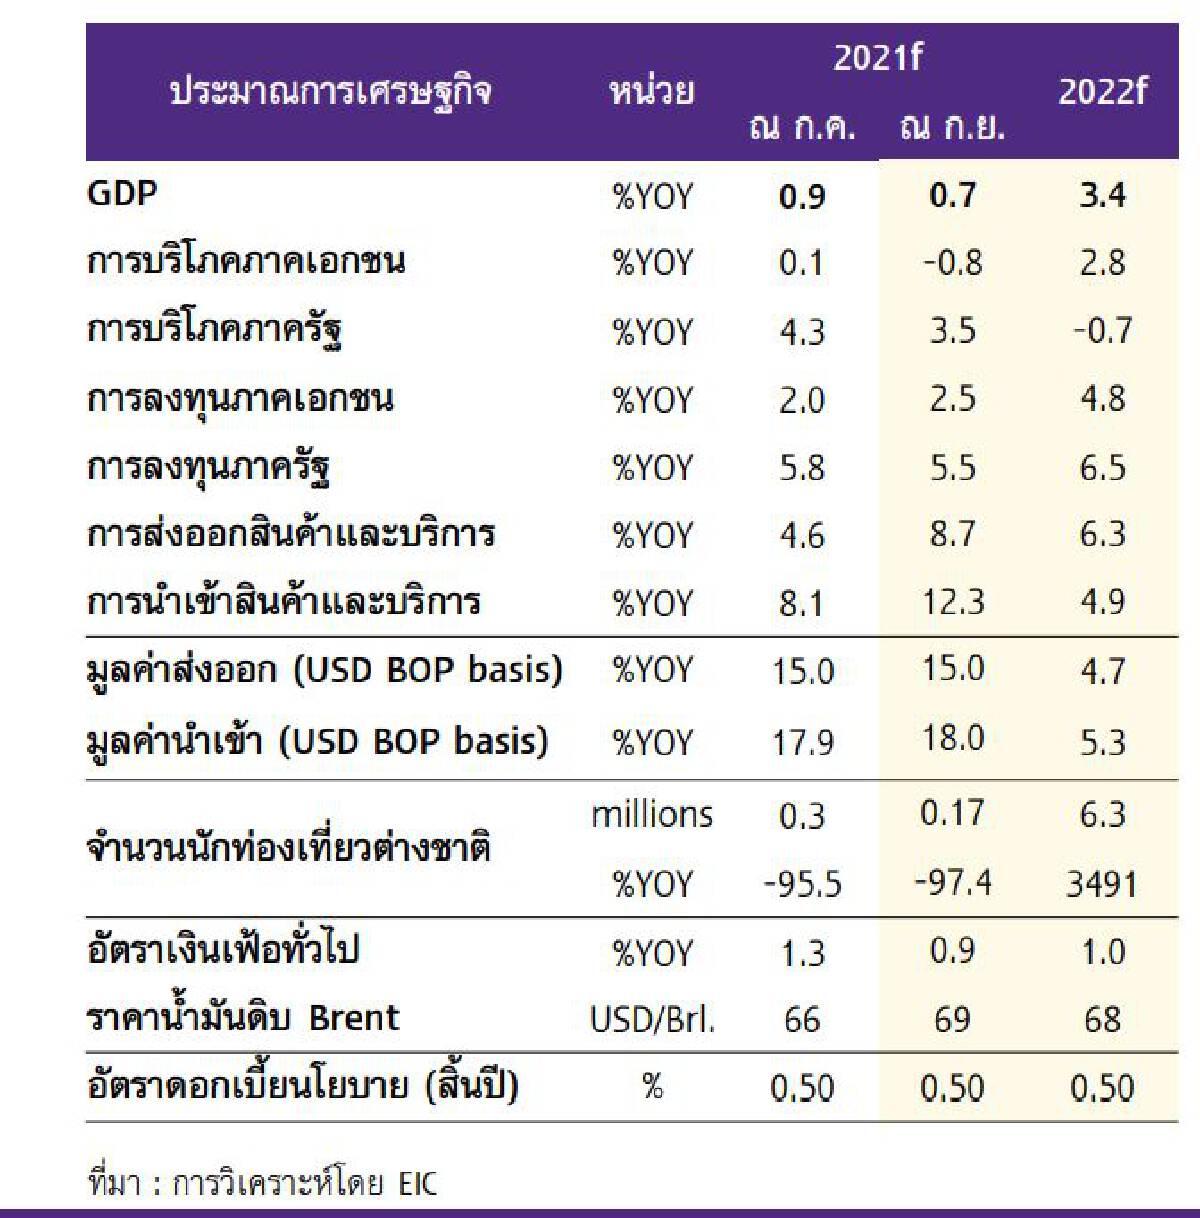 EICชี้ผลแผลเป็นเศรษฐกิจ 3ด้านหั่นคาดการณ์จีดีพีเหลือโต 0.7%